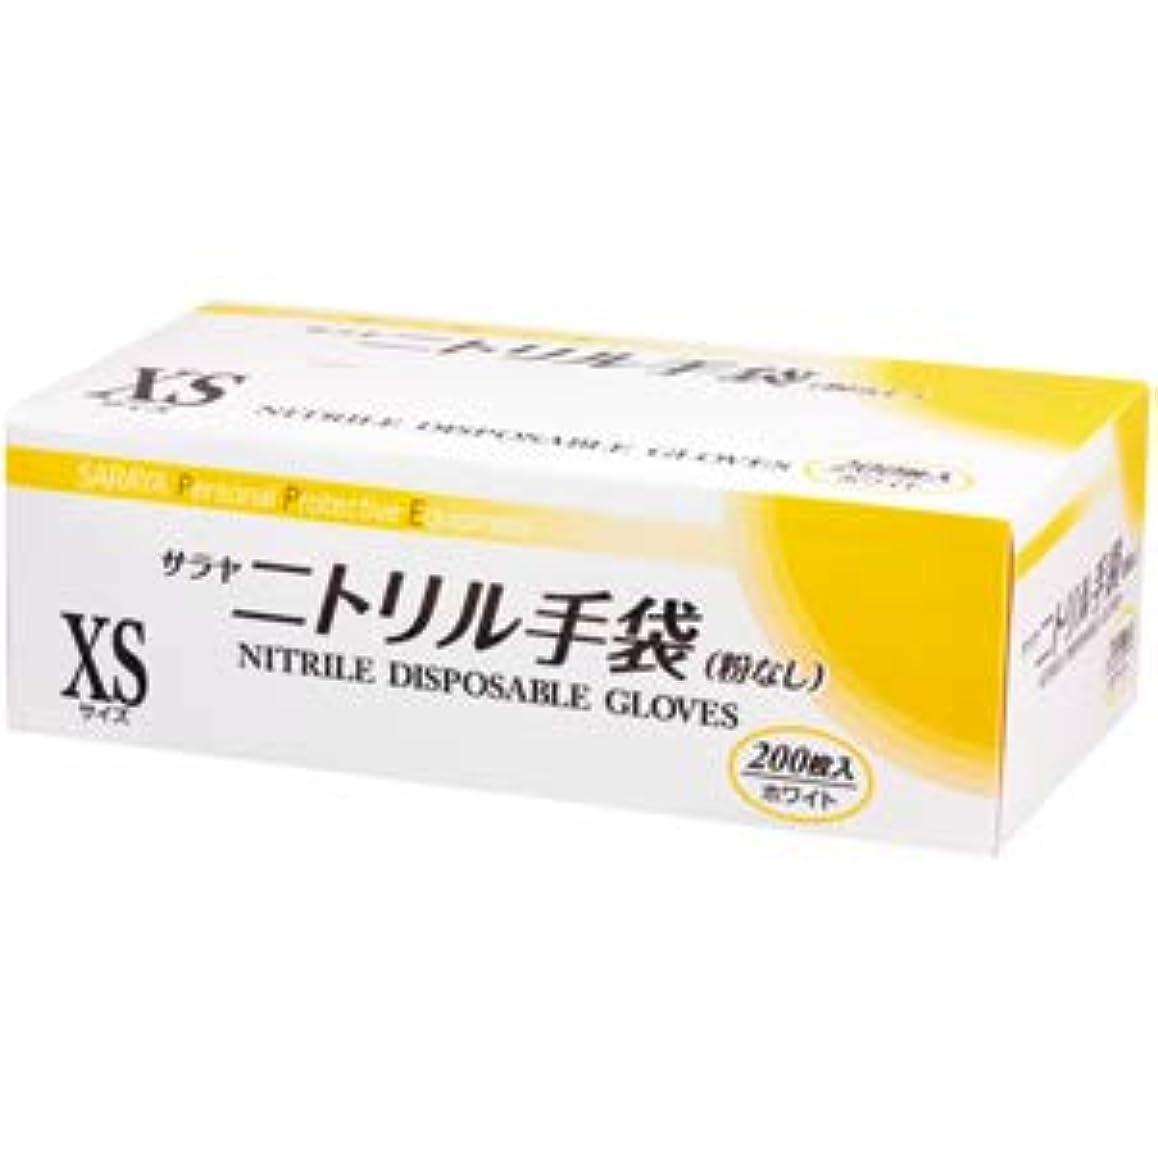 望みカウンターパートクルーサラヤ ニトリル手袋 ホワイト XS 200枚×10箱 51073